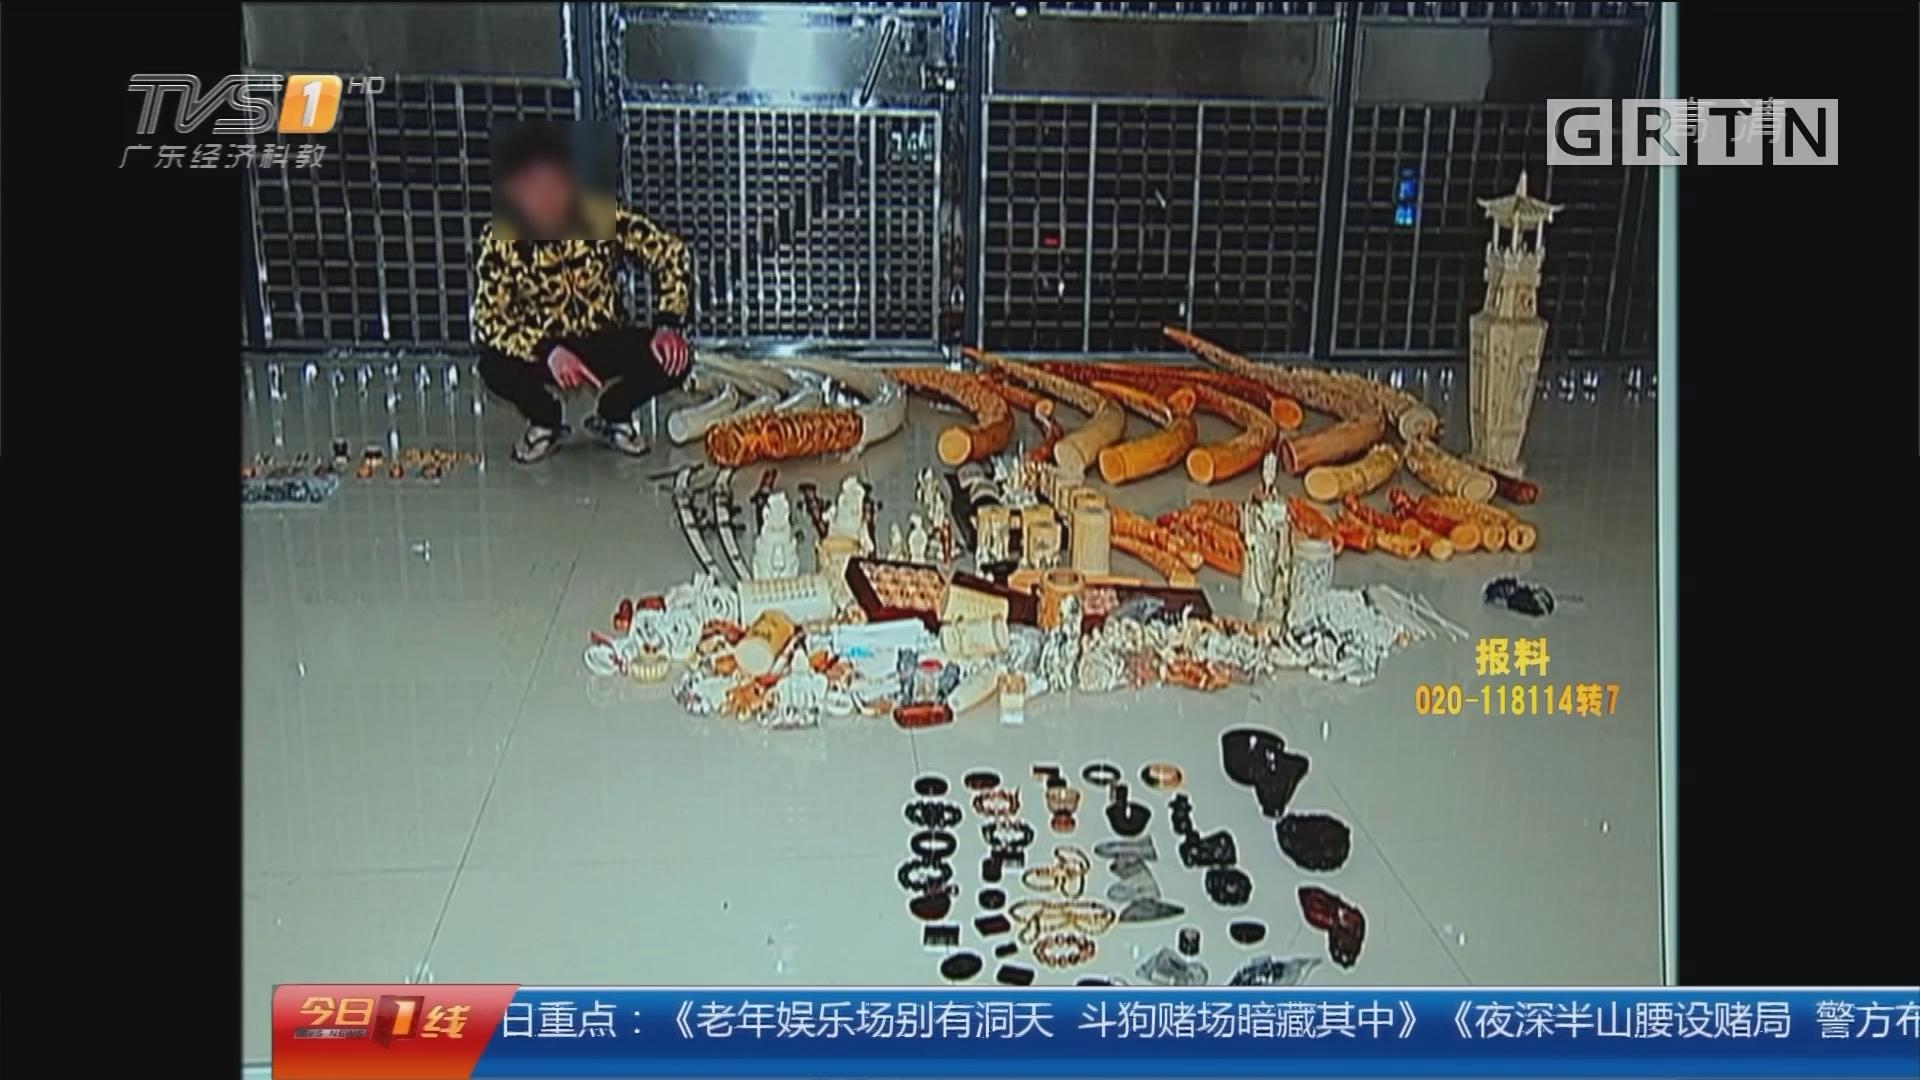 广州:古玩店非法卖象牙 涉案超千万